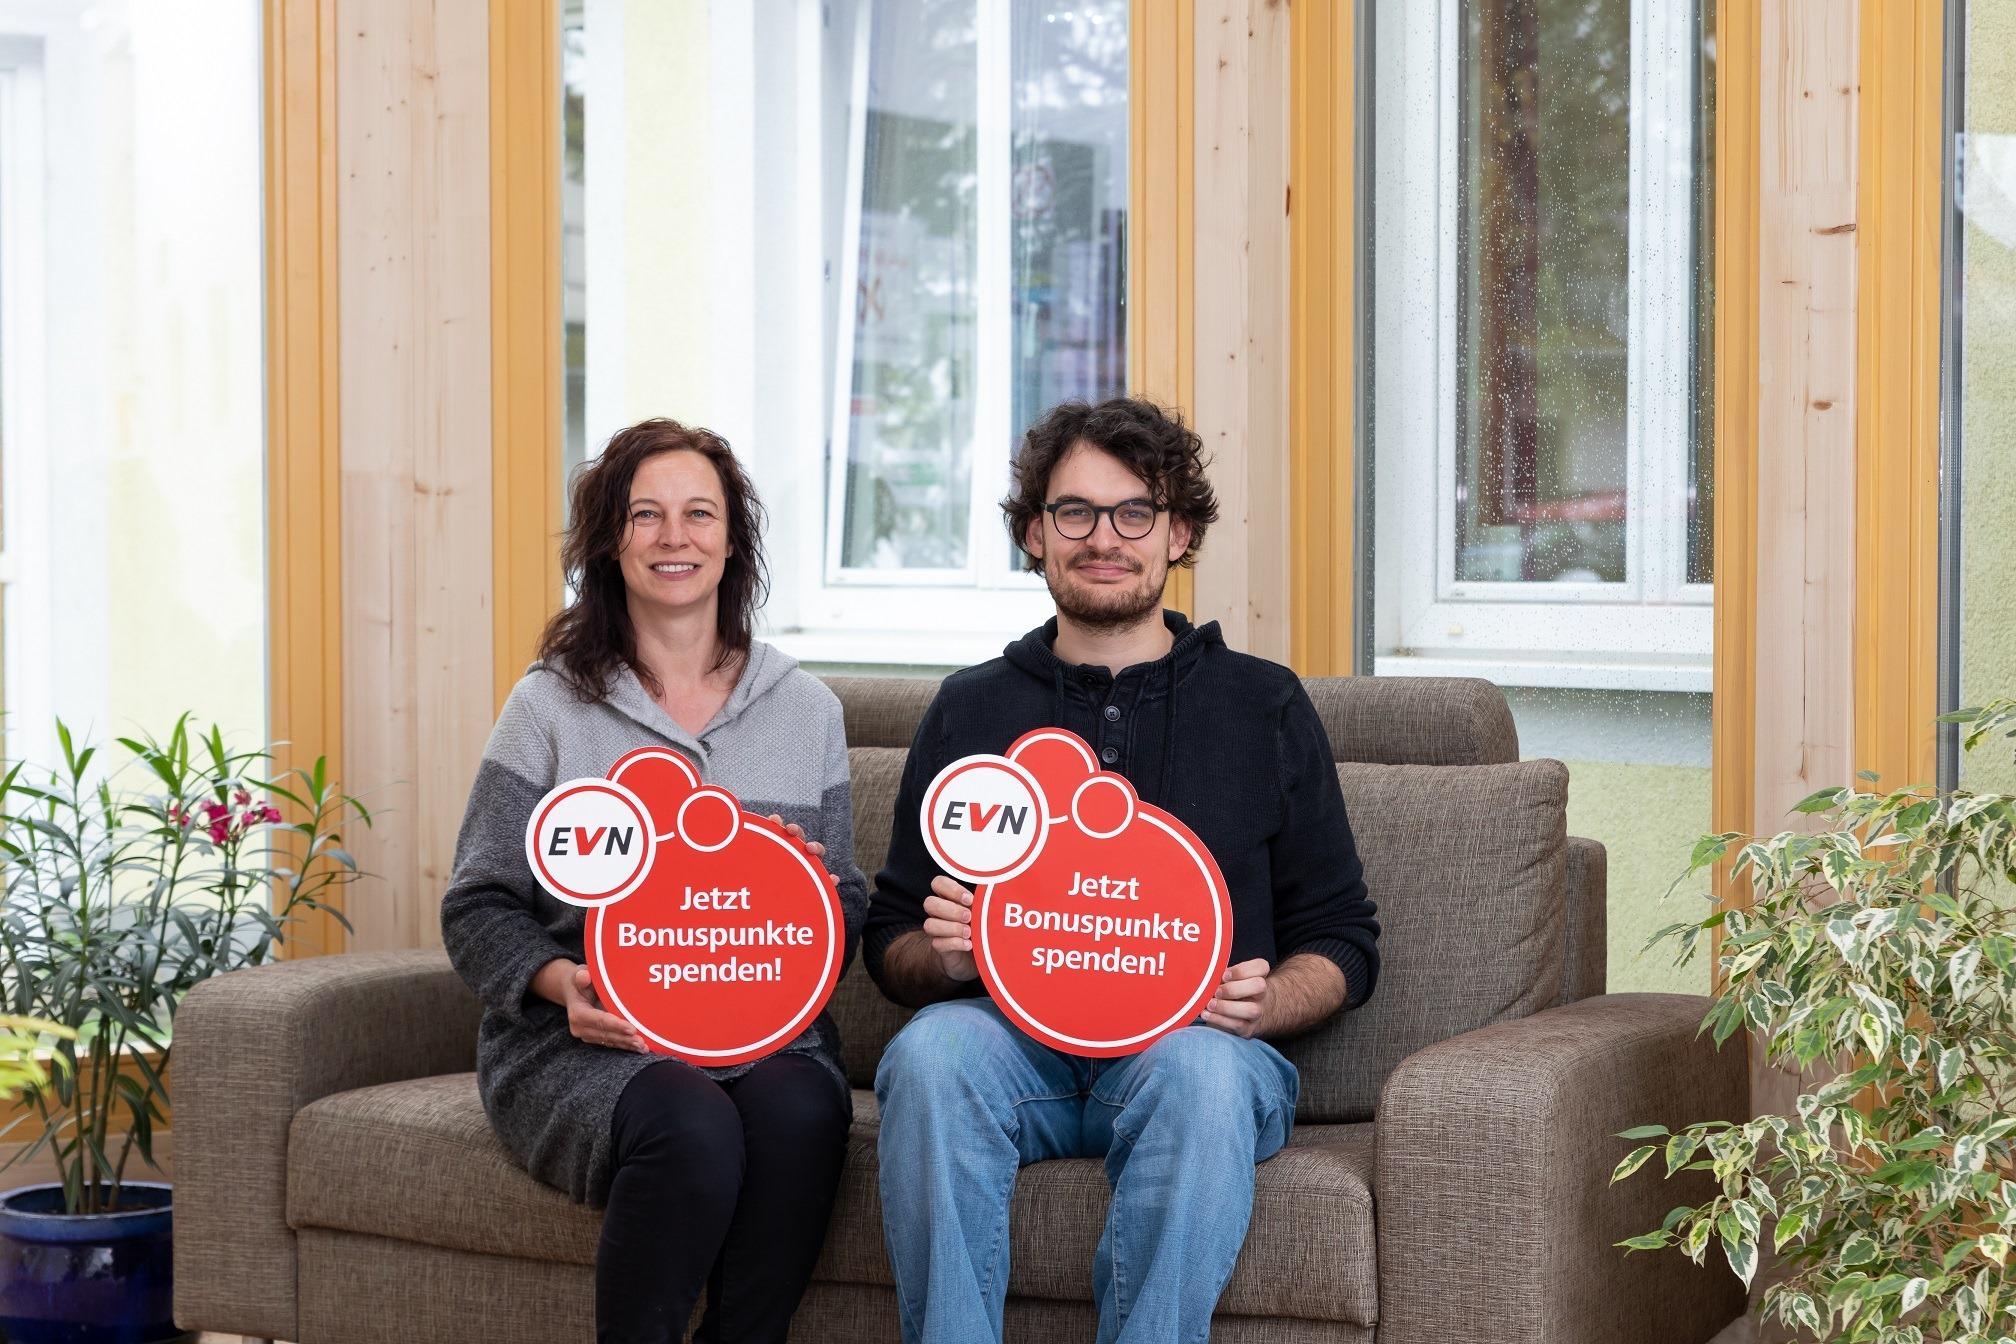 Emmausgemeinschaft St. Poelten Bonuspunkte